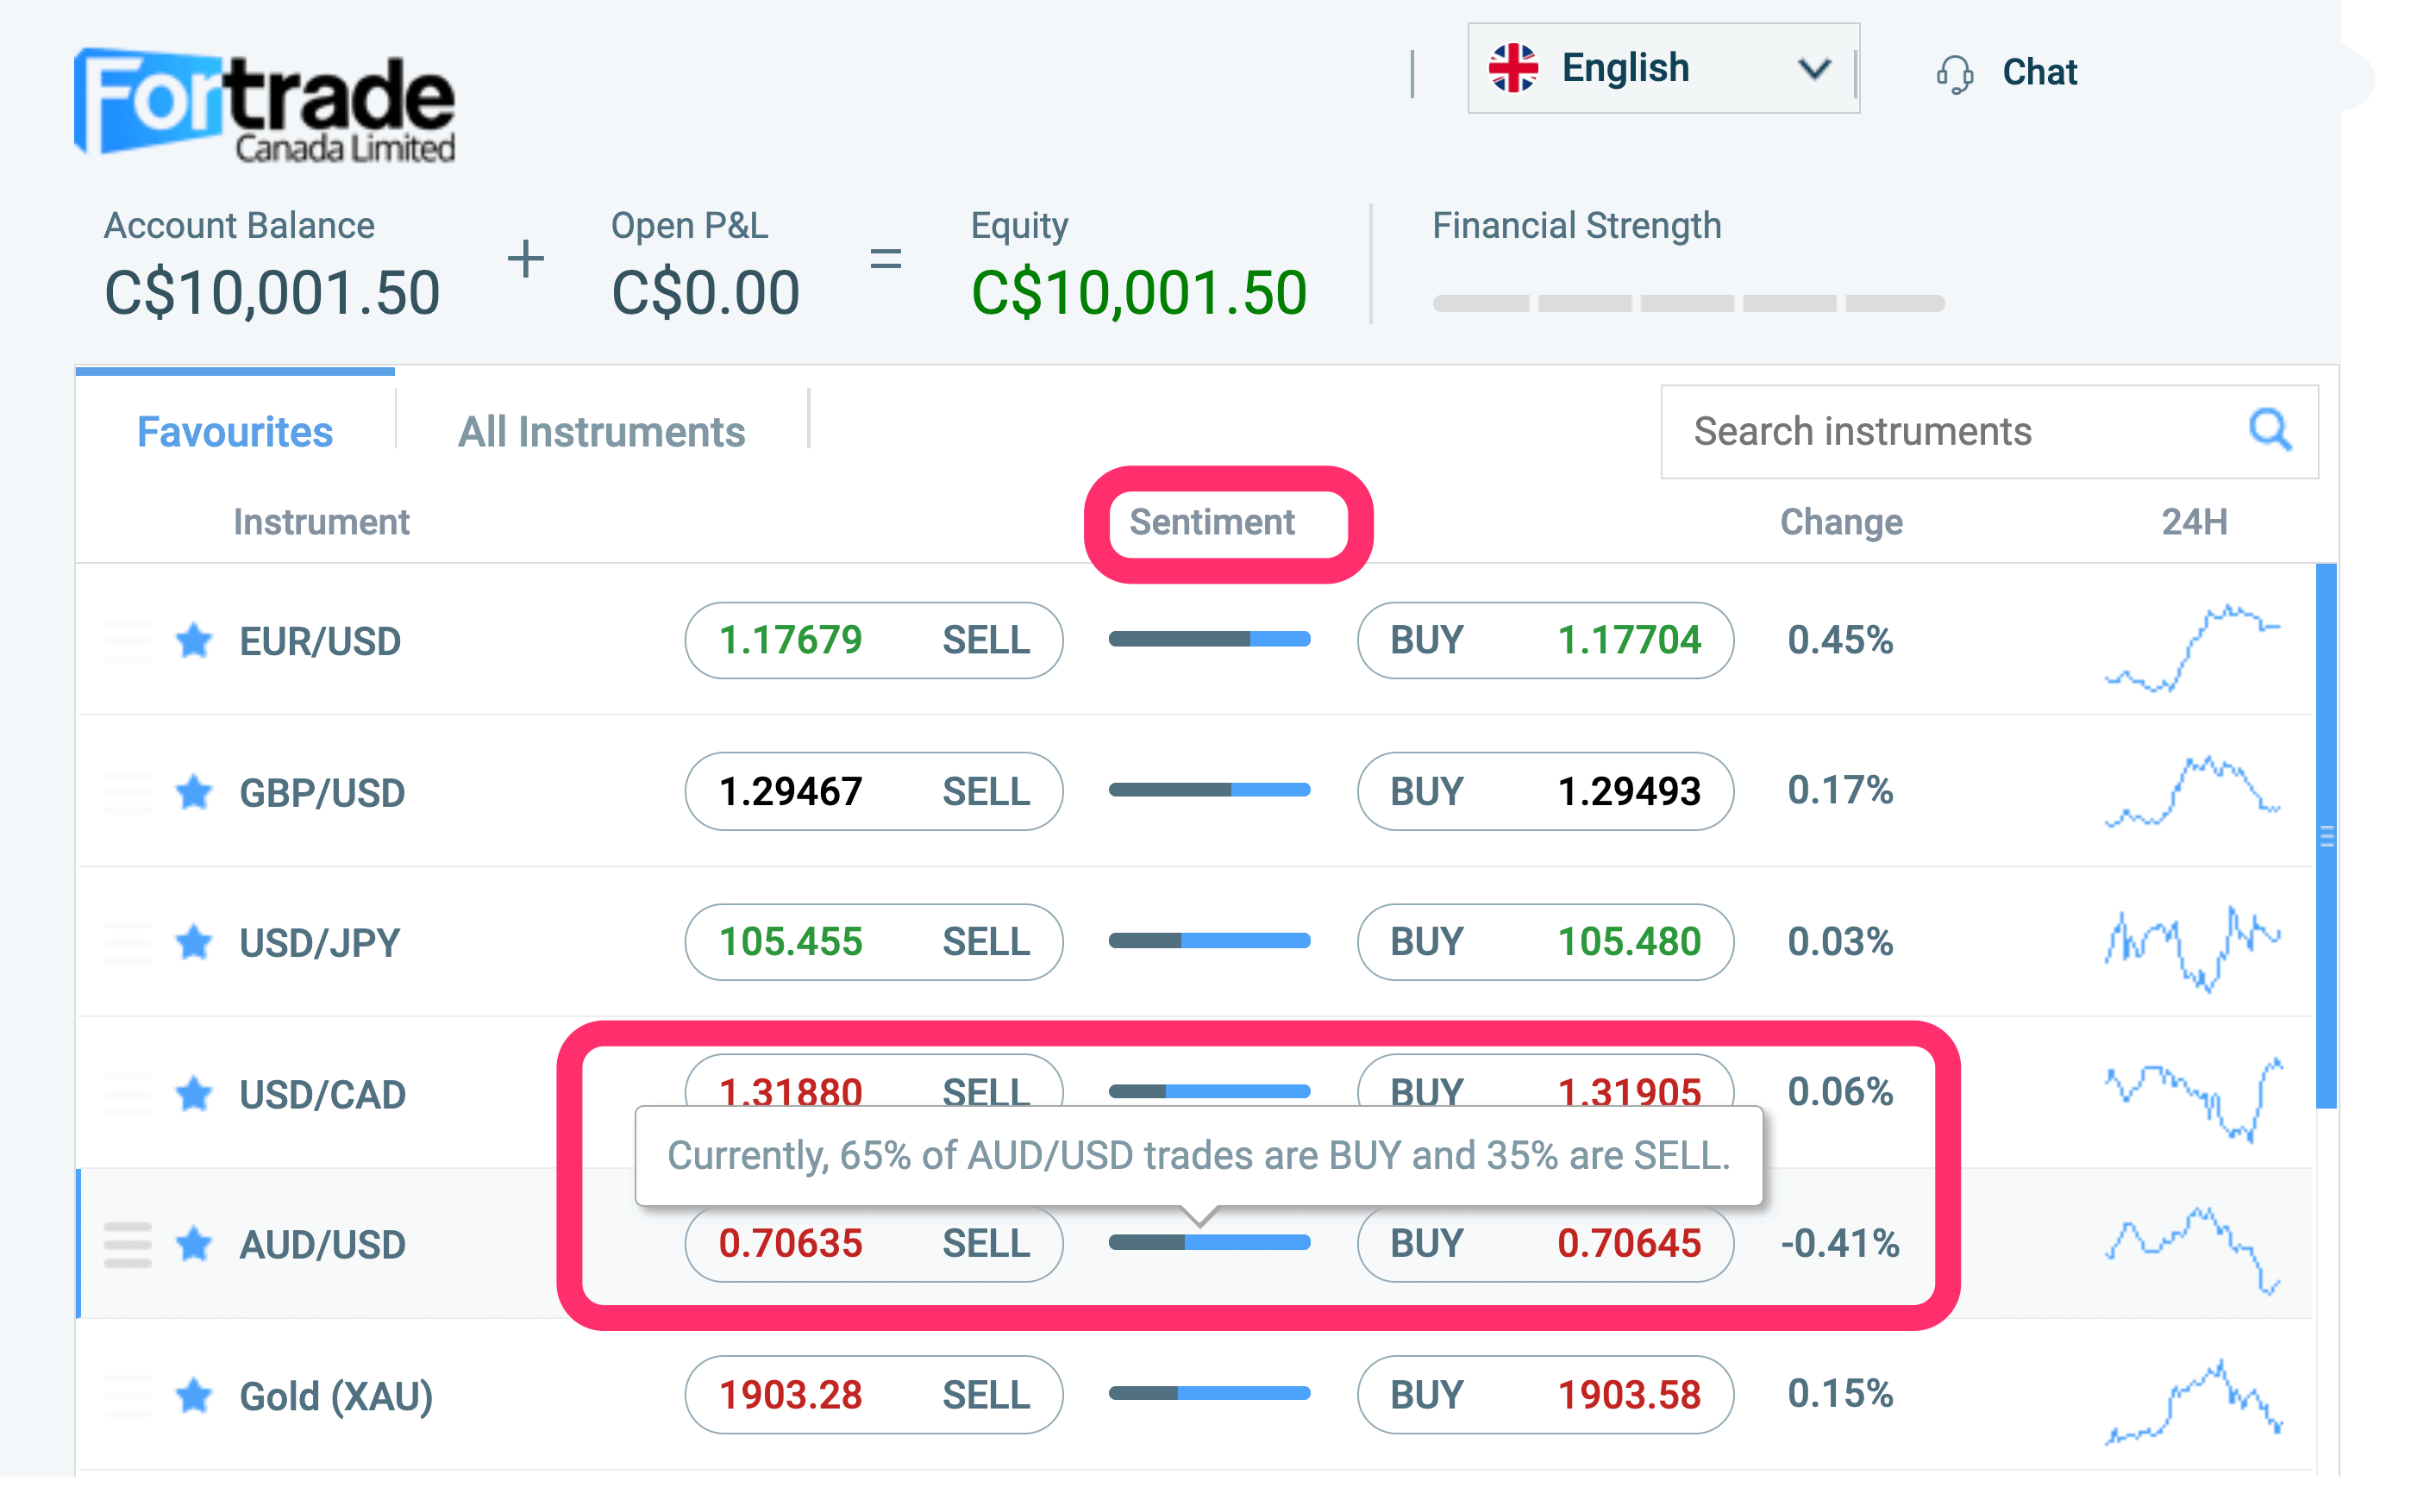 Market sentiment on Fortrade.com